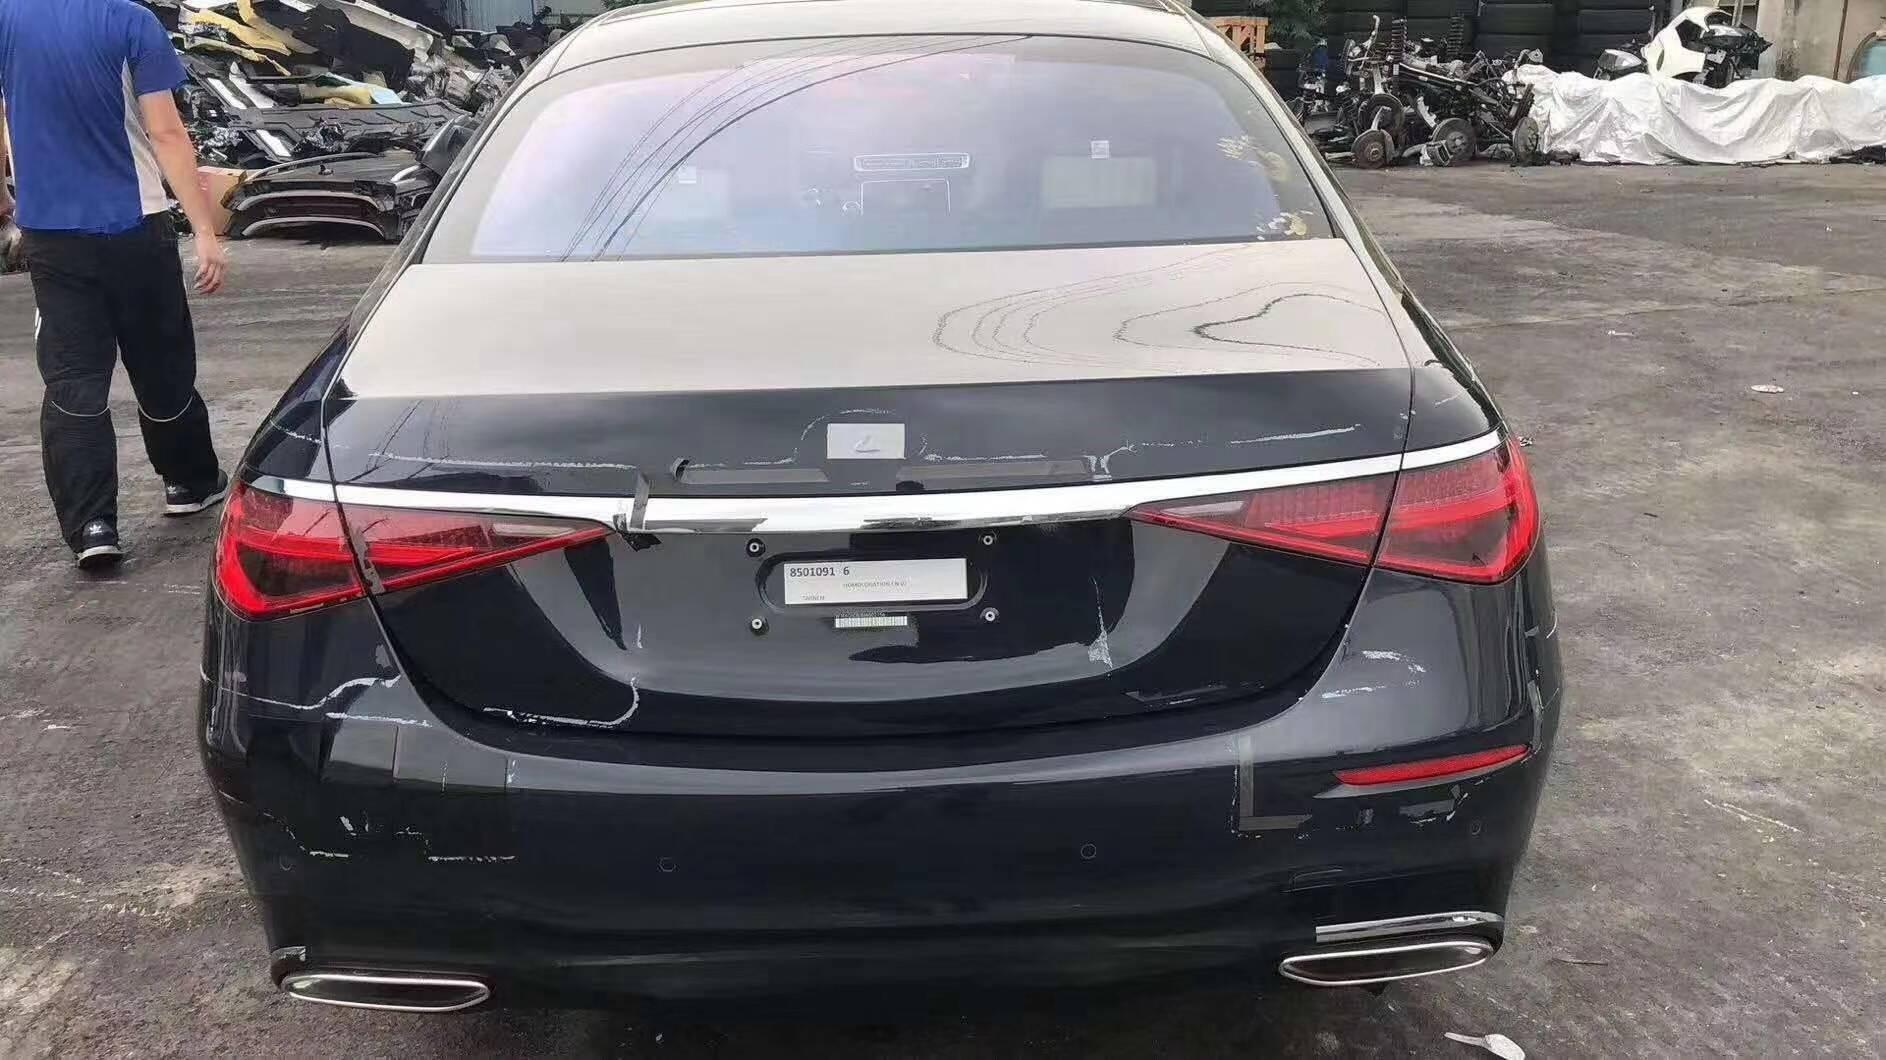 Ззаду Mercedes S-class 2021 виглядає дуже незвично.